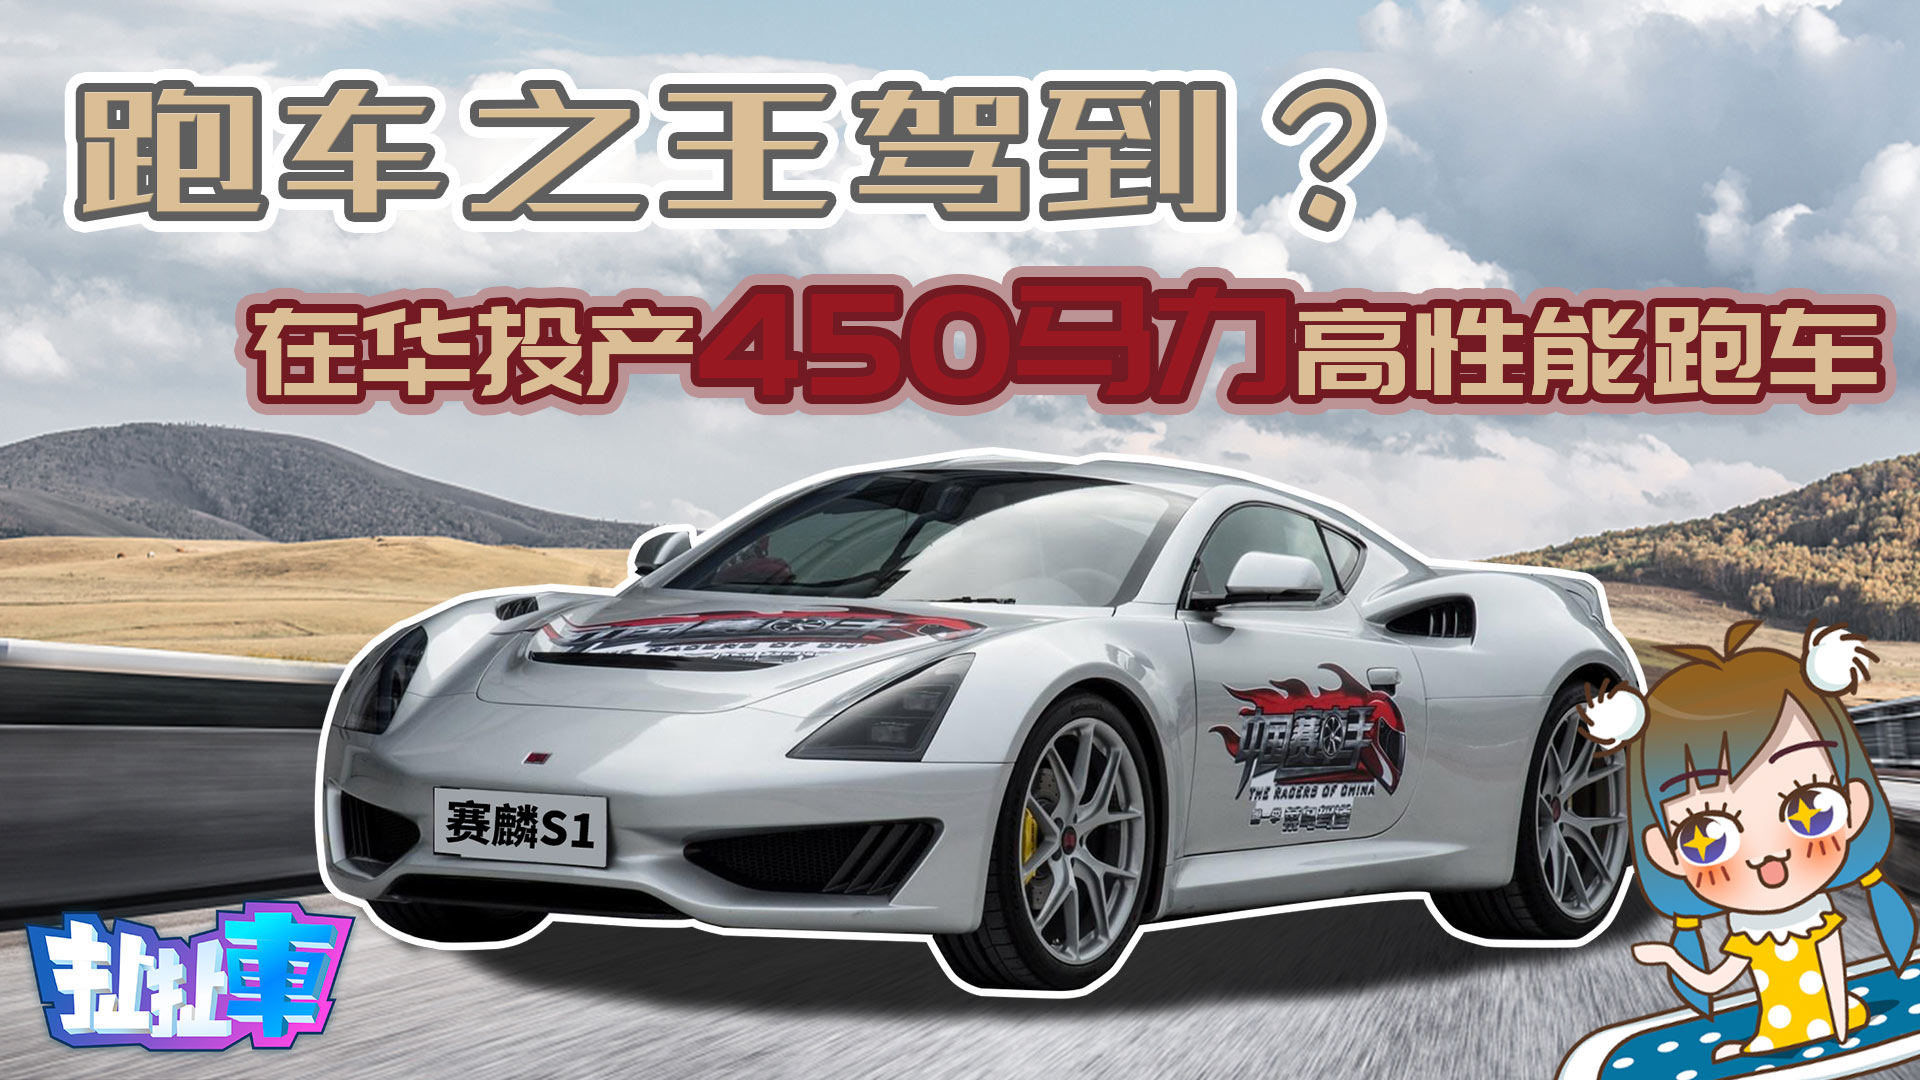 【扯扯车】涡轮增压极限在哪?2.3T 450马力超跑即将国内投产